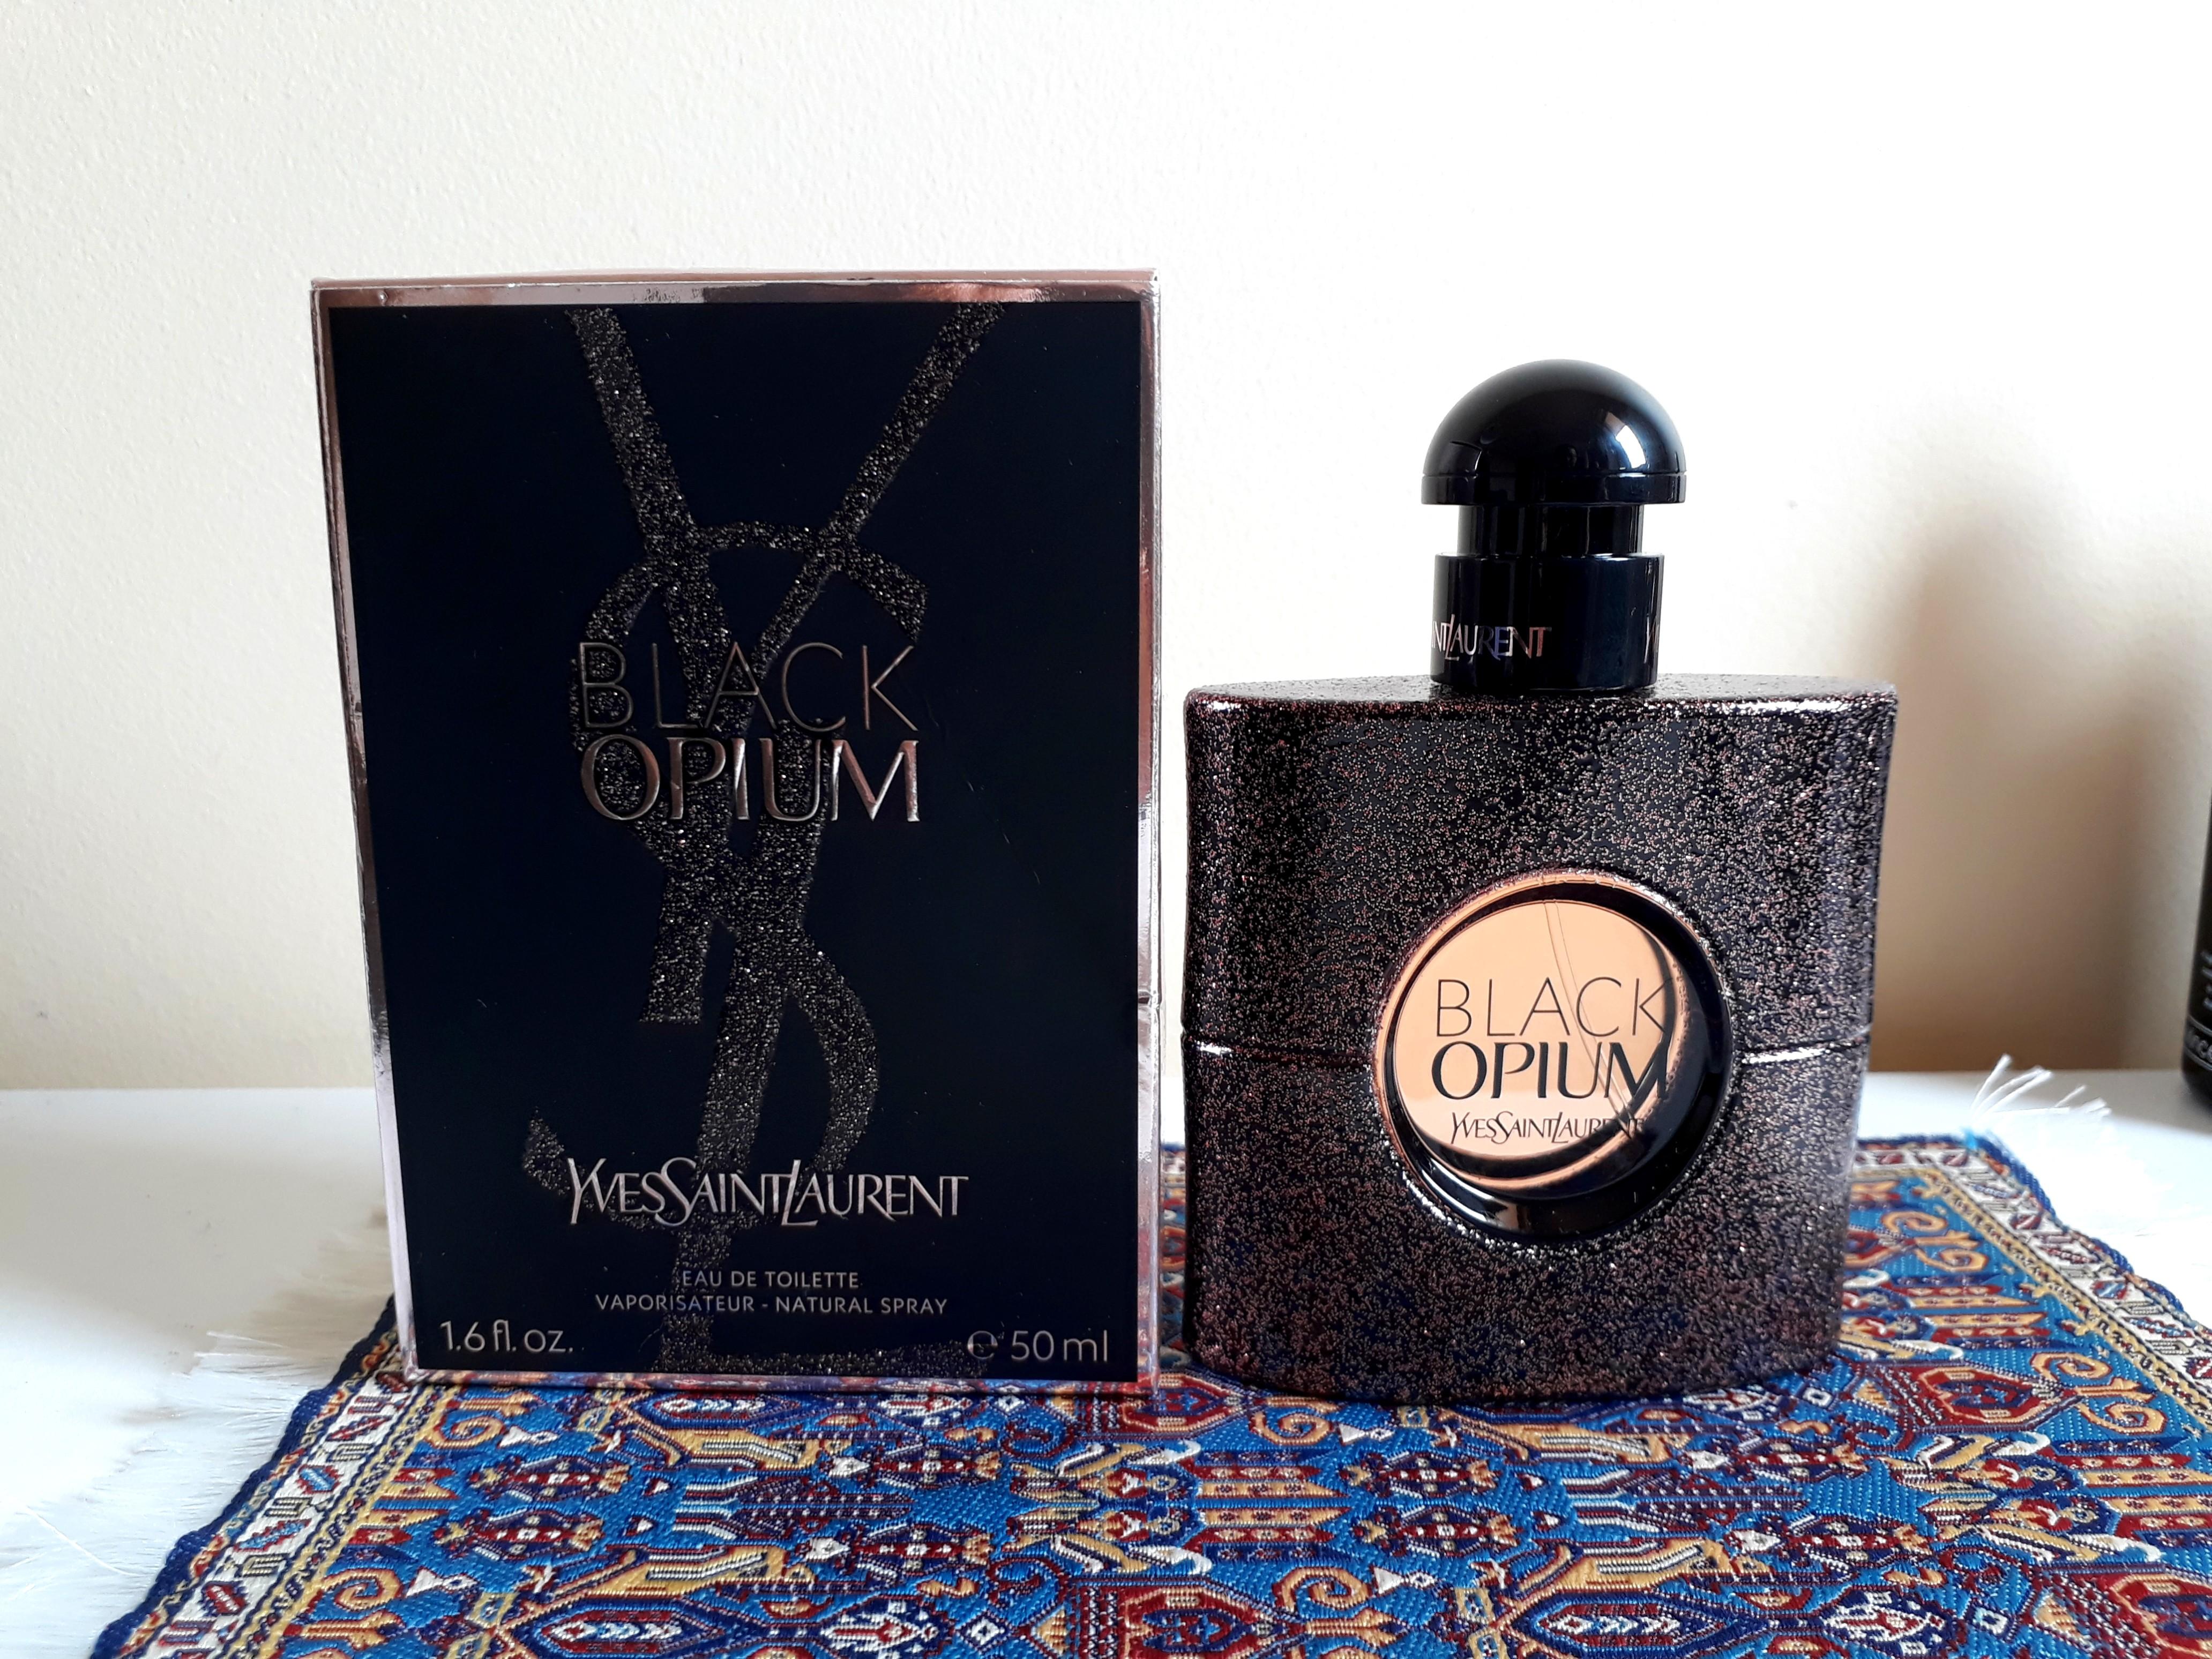 Ysl Black opium 50ml